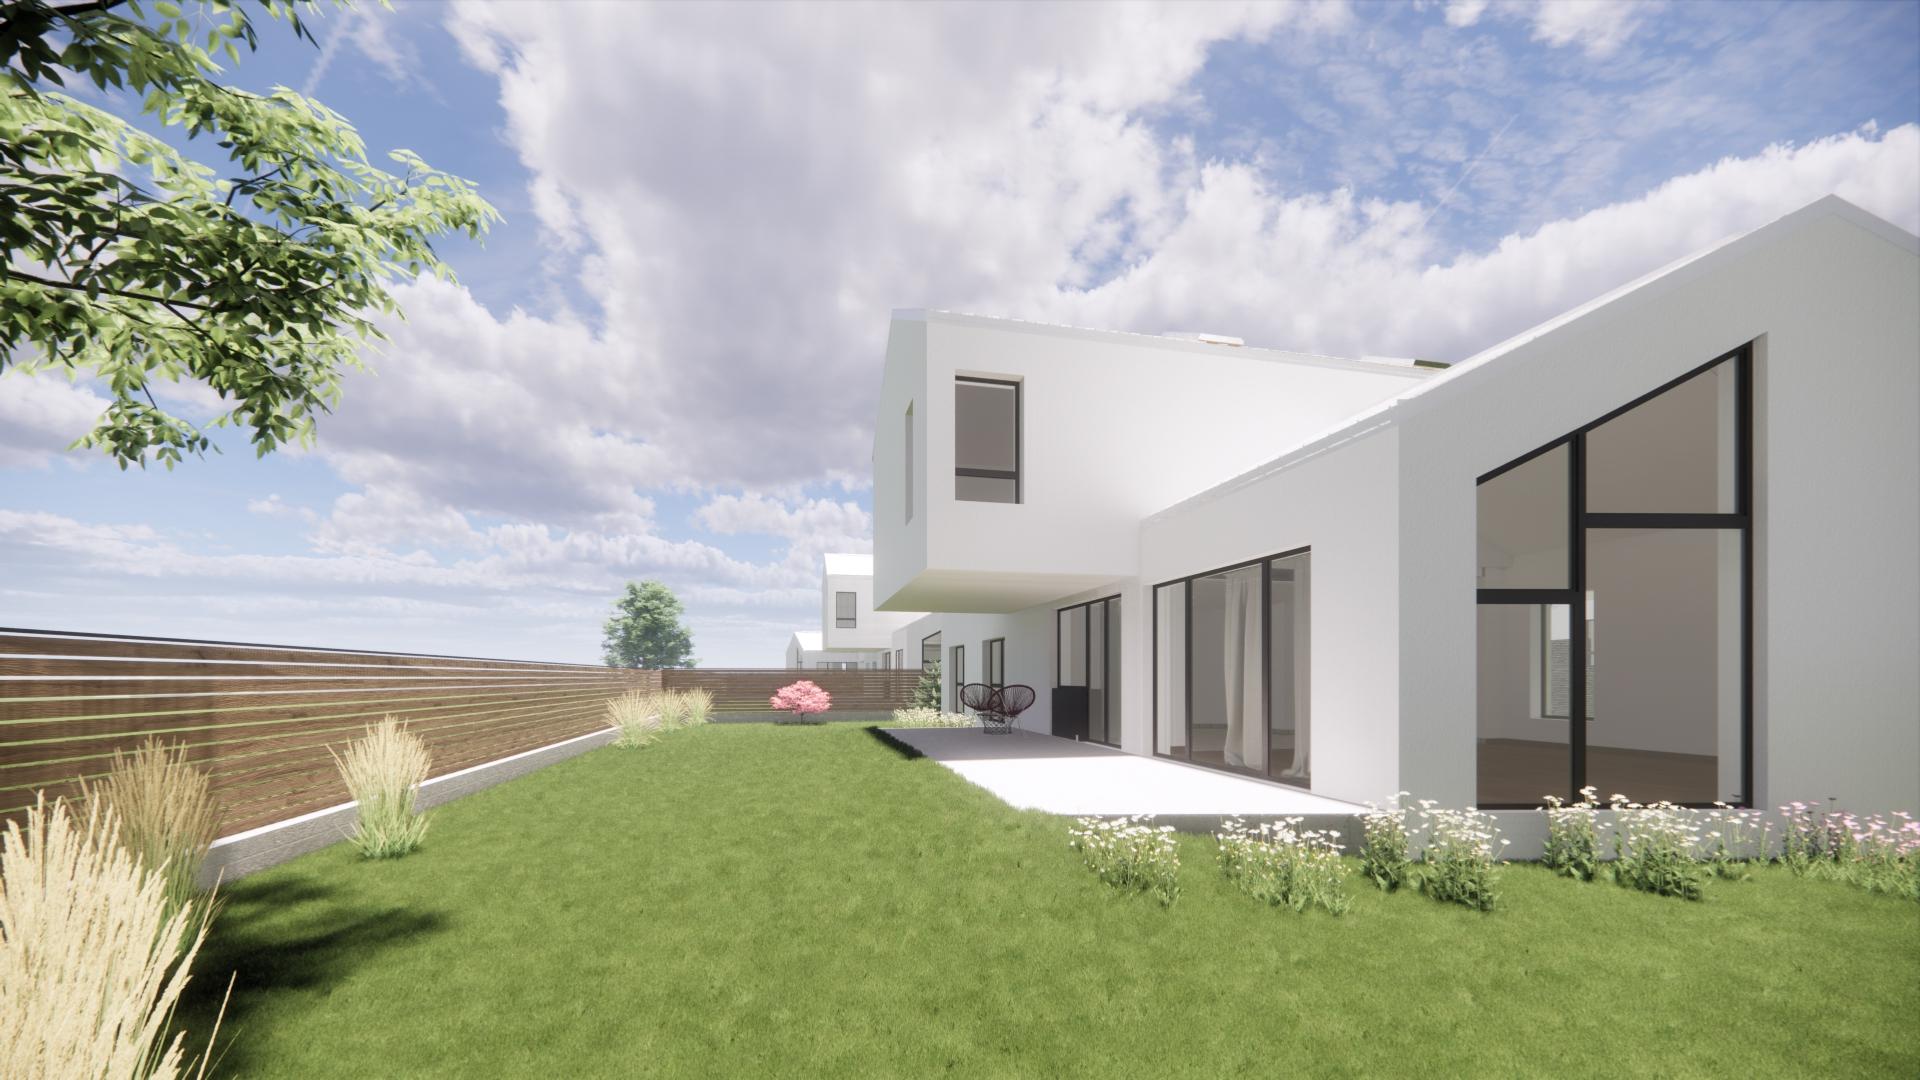 https://nbc-arhitect.ro/wp-content/uploads/2021/02/Balta-Alba-Corbeanca-4.jpg